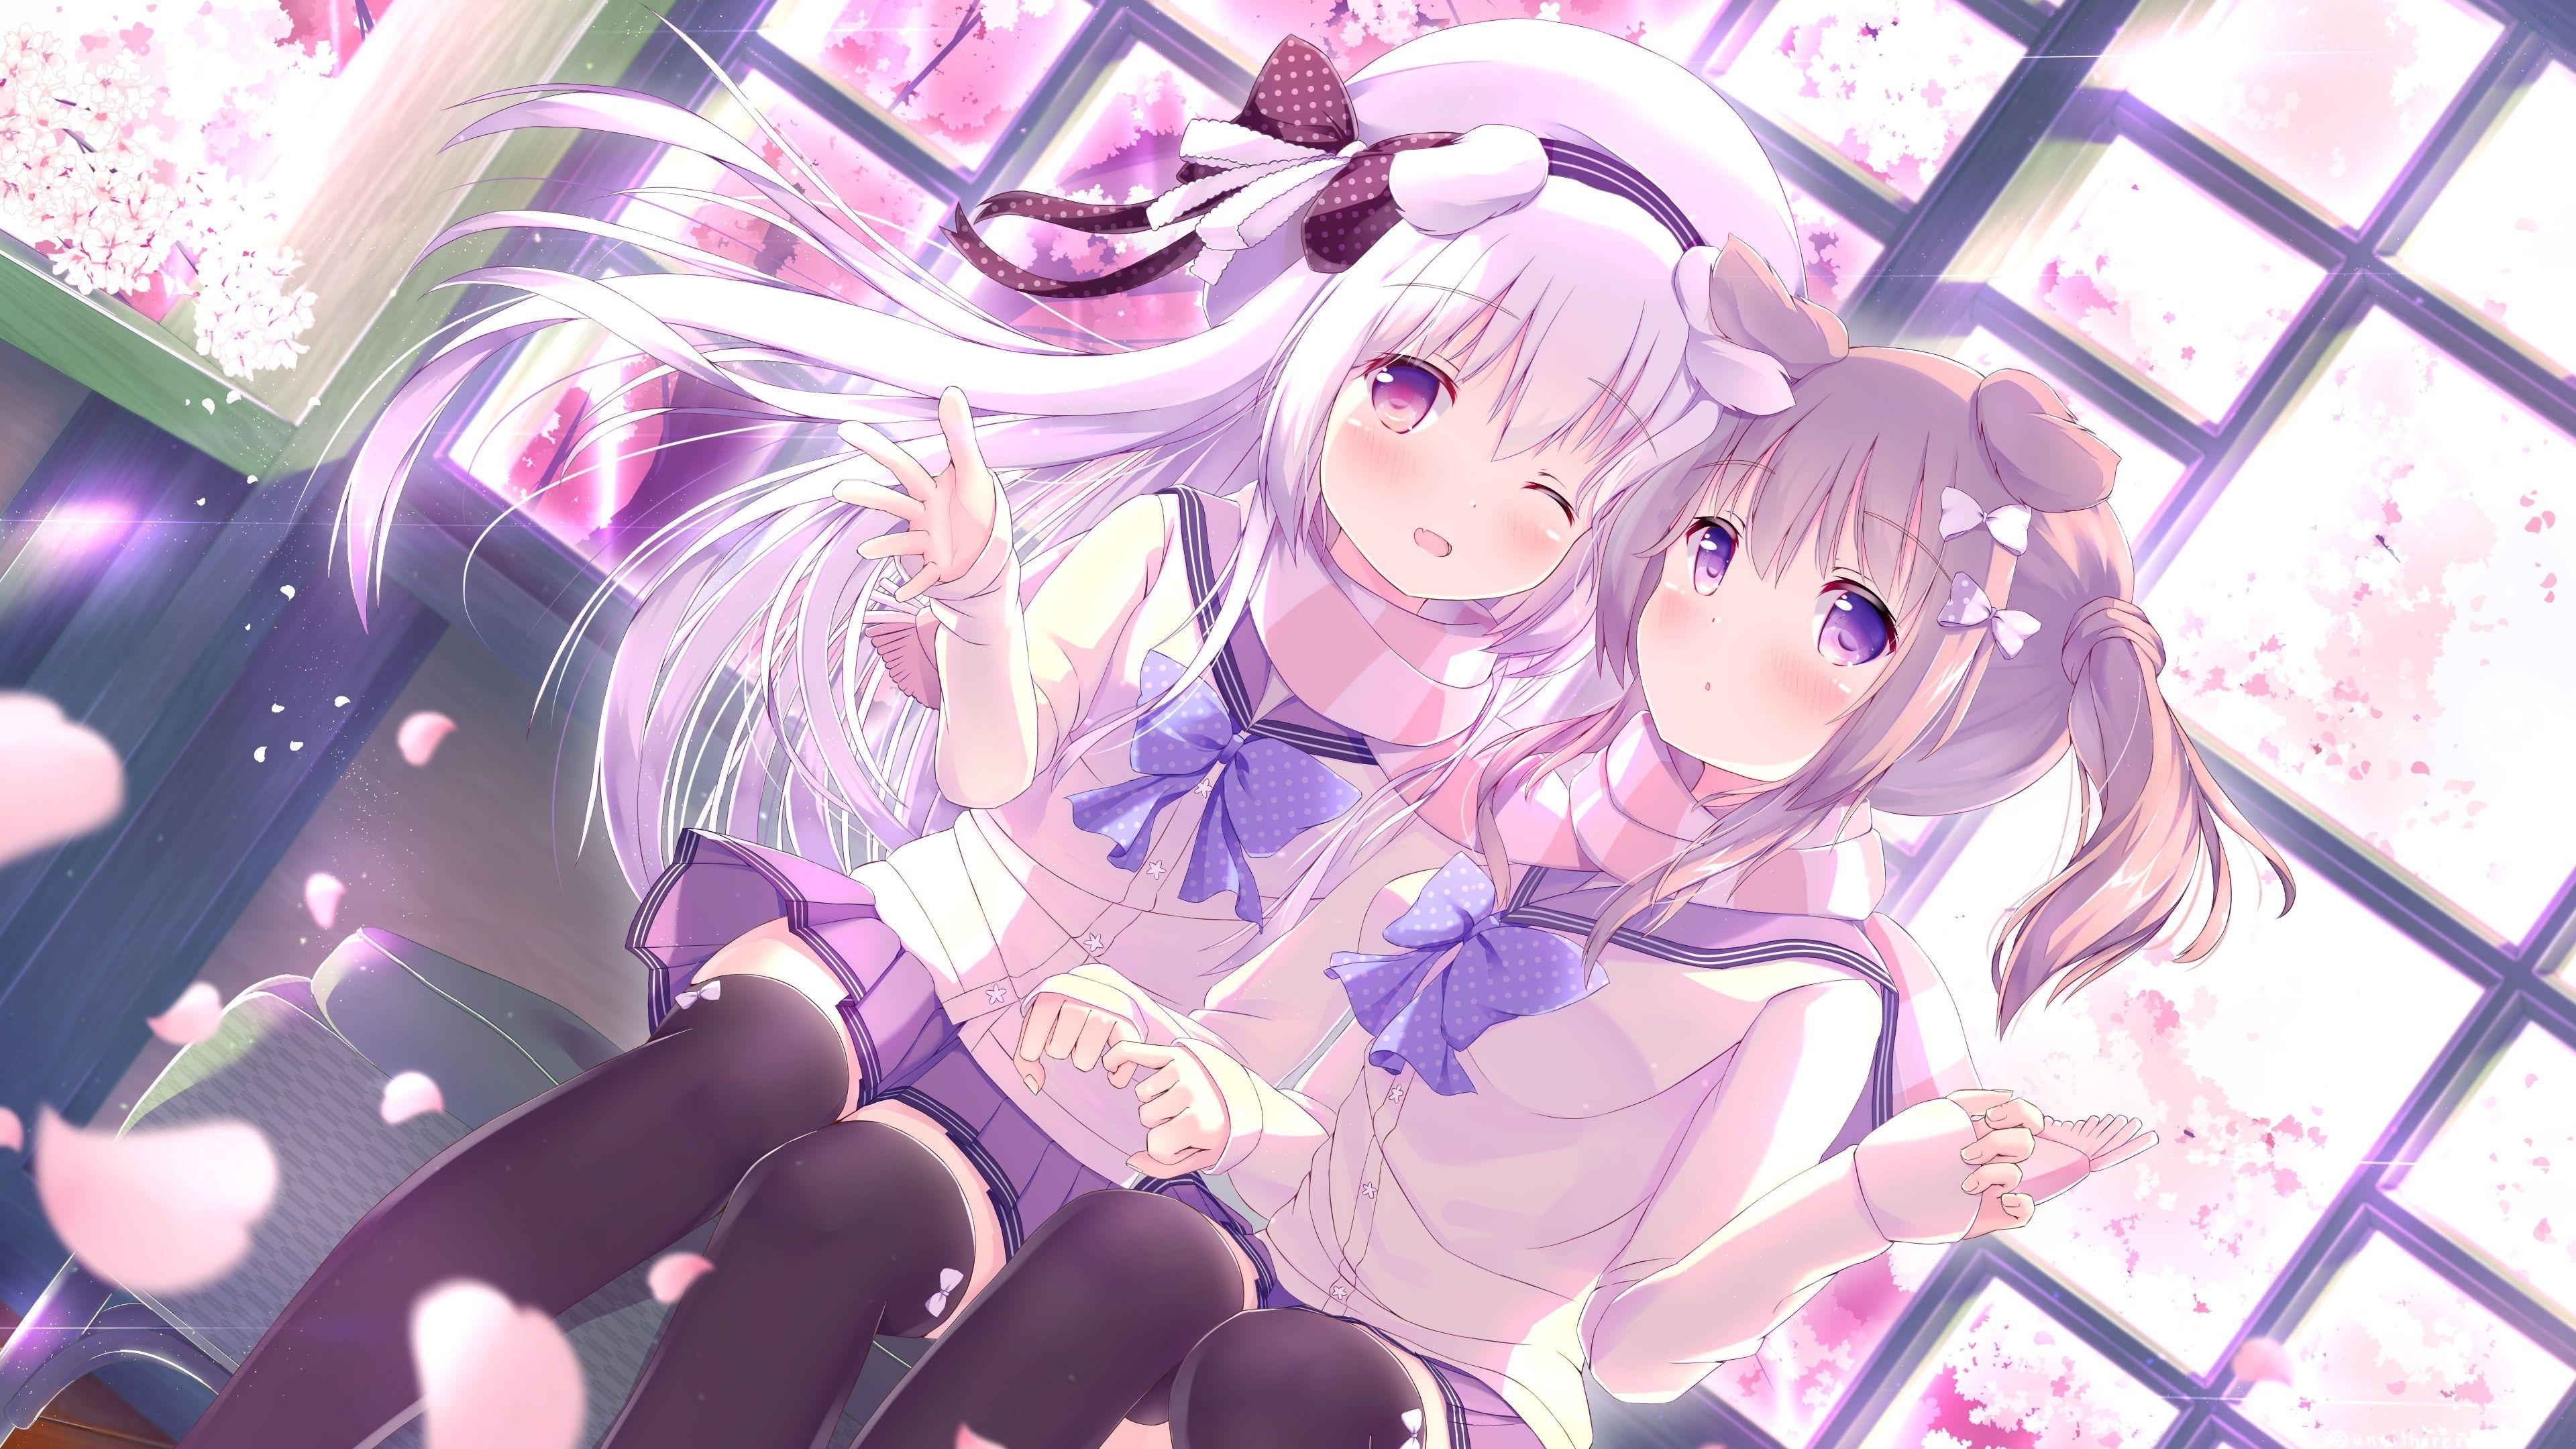 Anime Girls Cute School Uniform Friends Moe Cute Girl Wallpaper Anime School Girl Cute Wallpapers